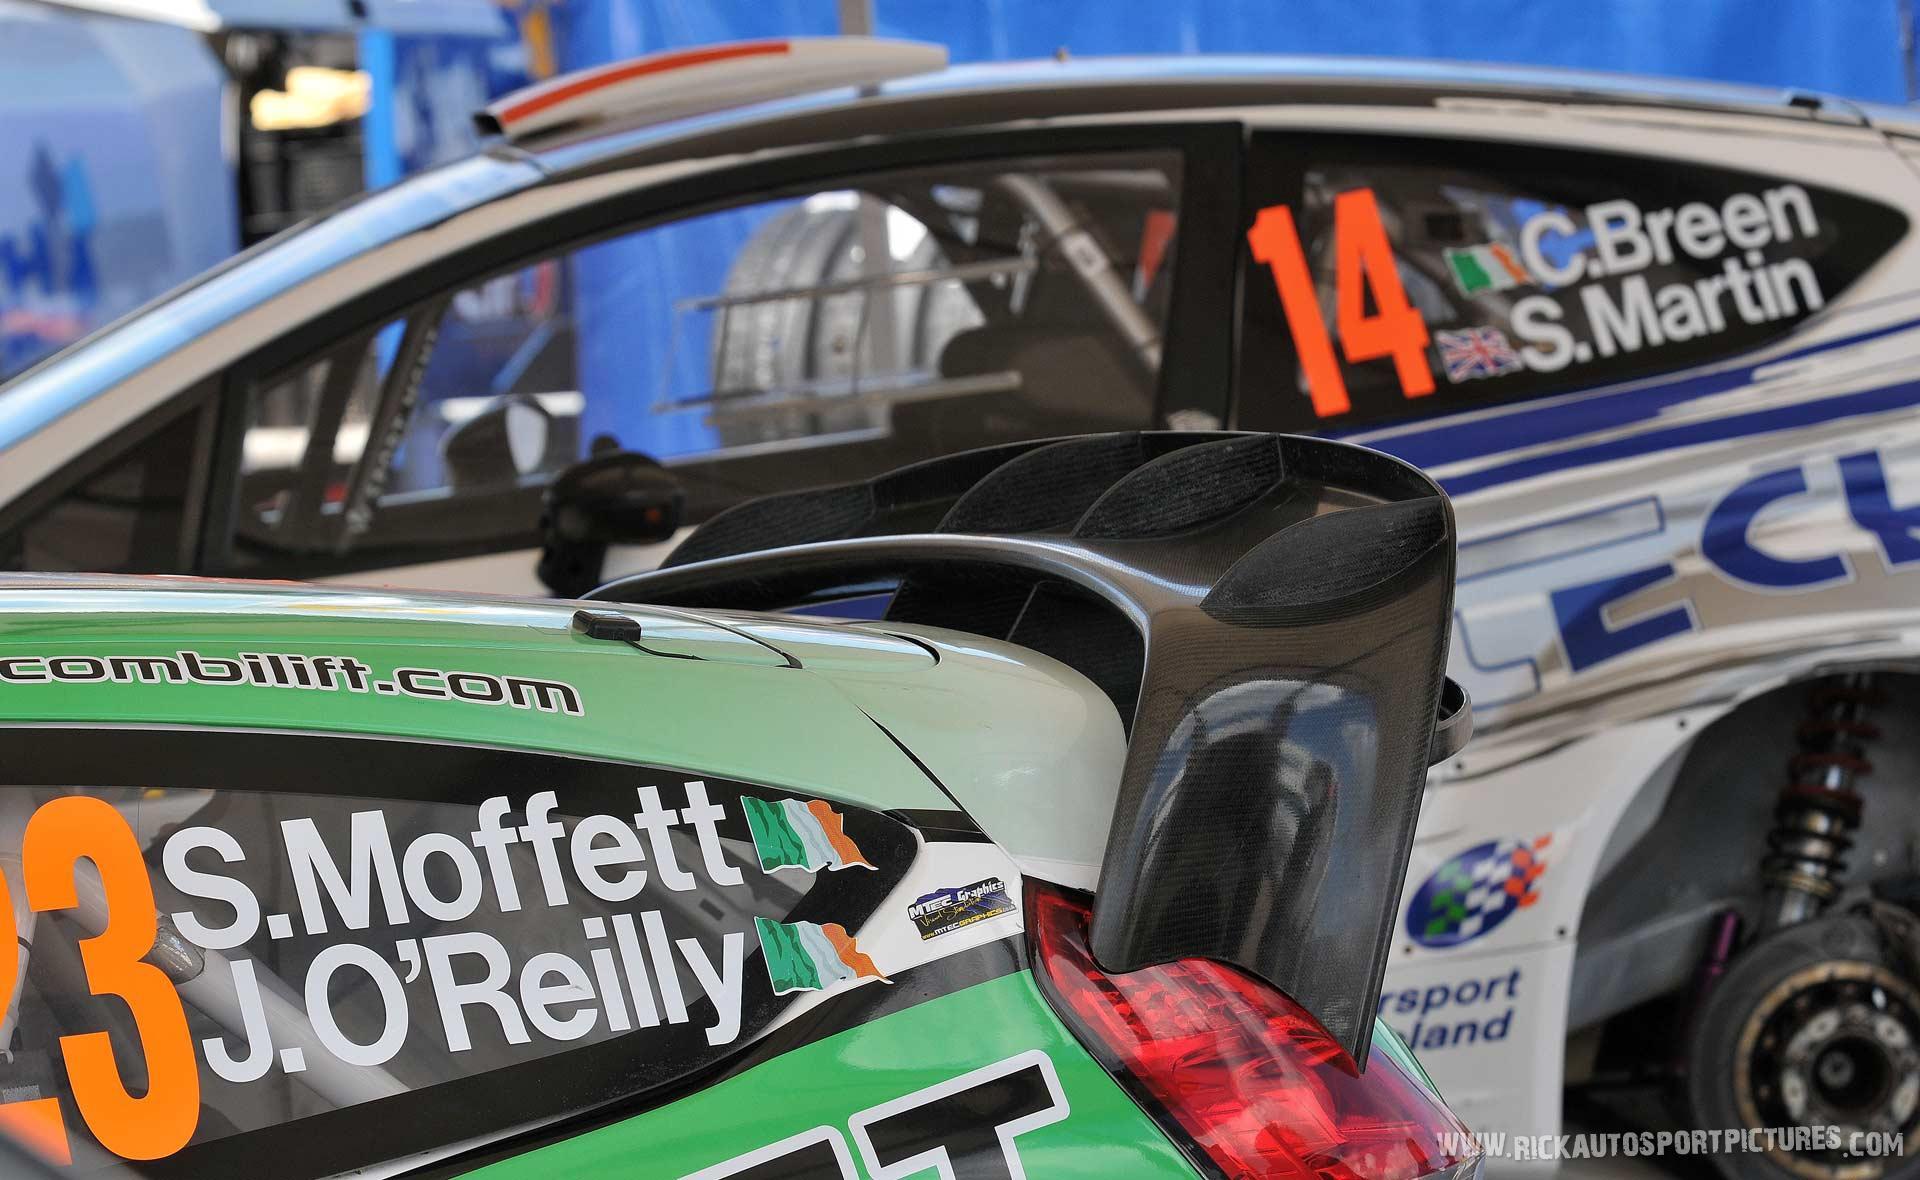 Keltech Motorsport Fiesta RS WRC